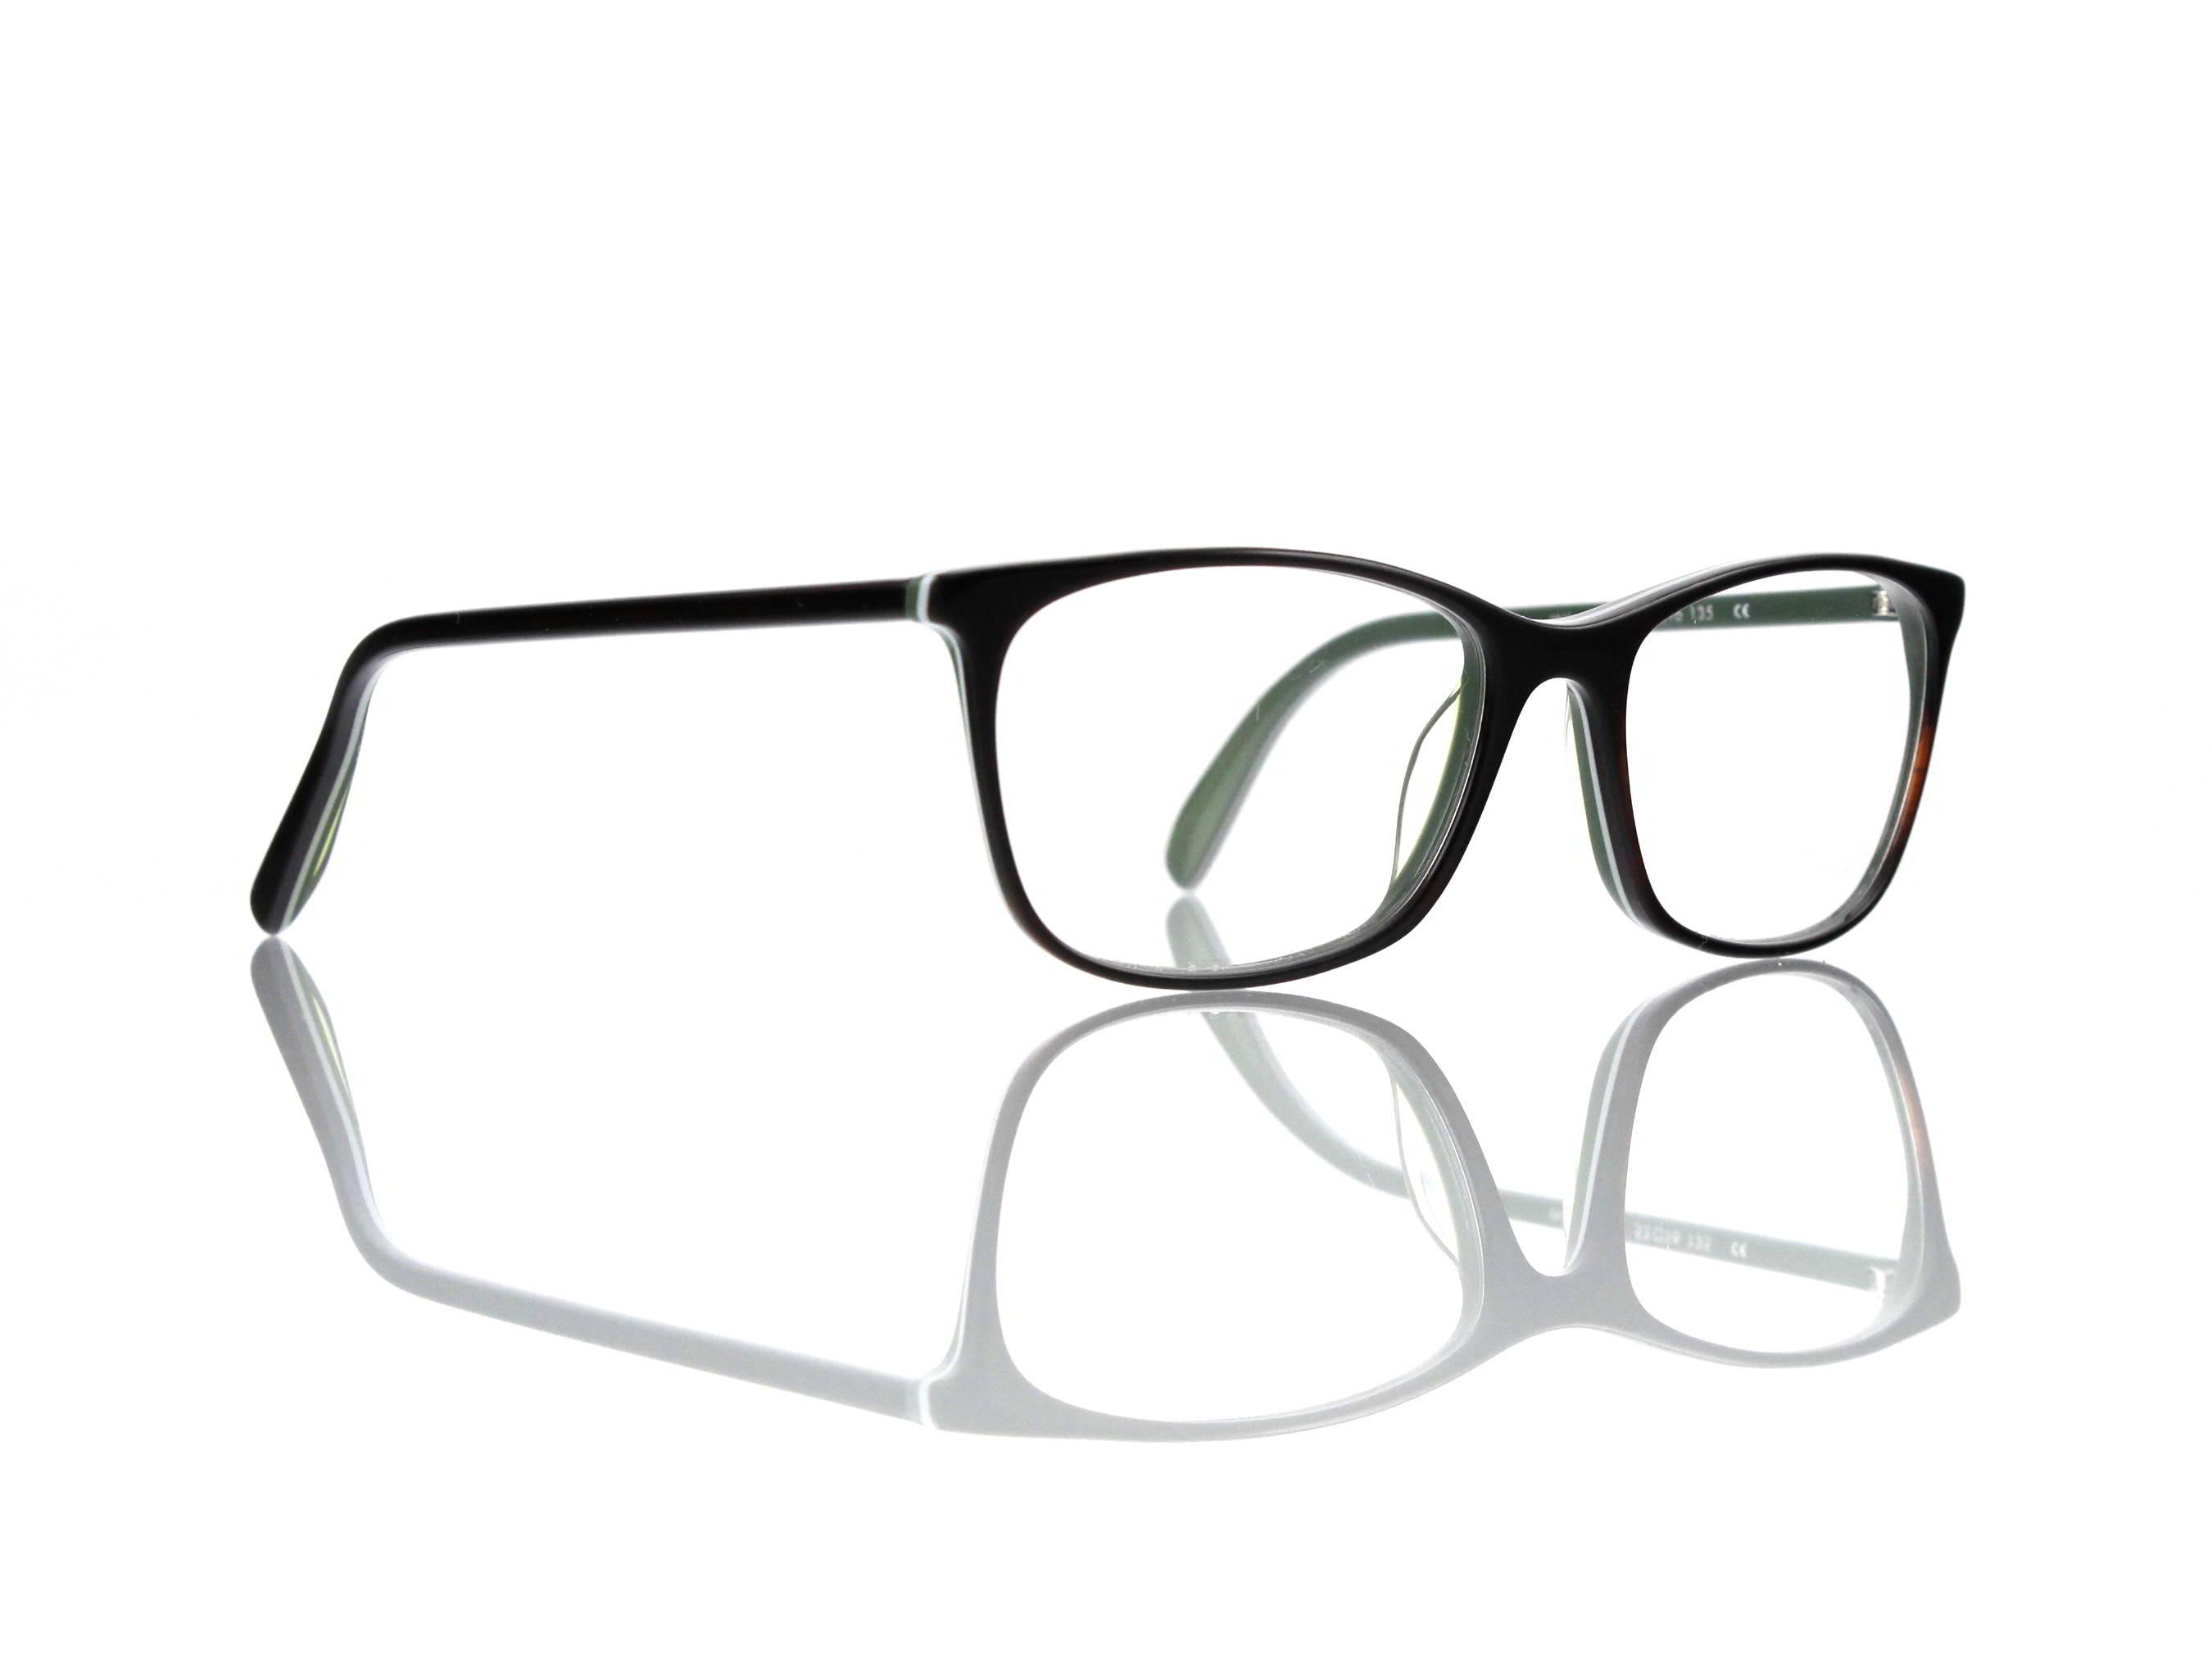 hamburg eyewear wilma col 10 gr e 53 16 145mm anatomisch form damen blickpunkt brillen. Black Bedroom Furniture Sets. Home Design Ideas